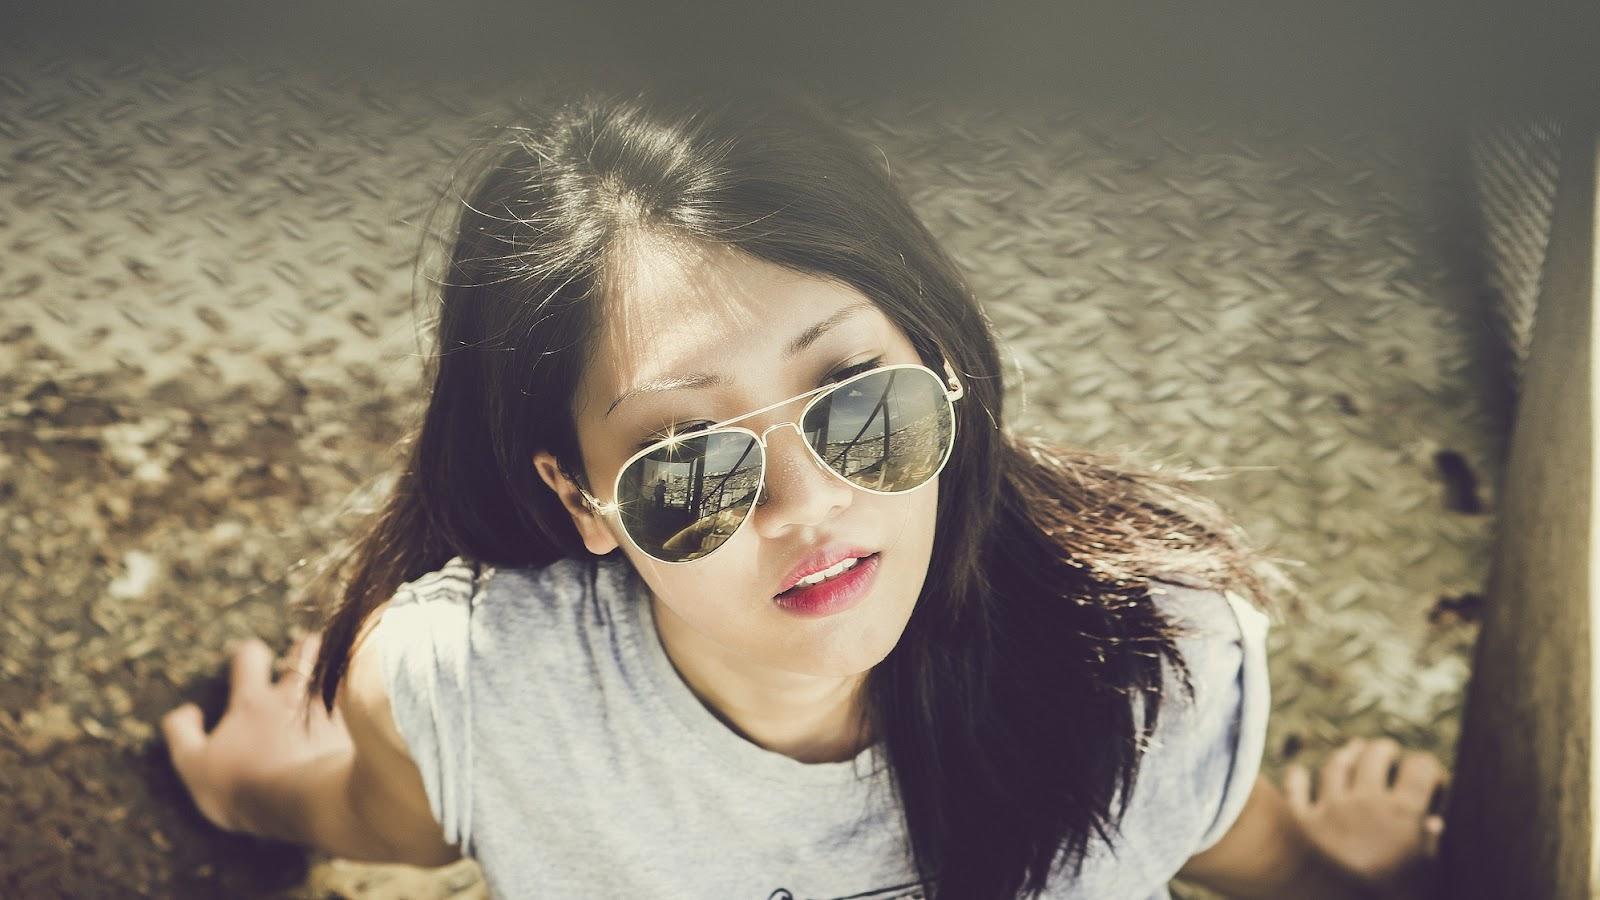 Hot Girl 13